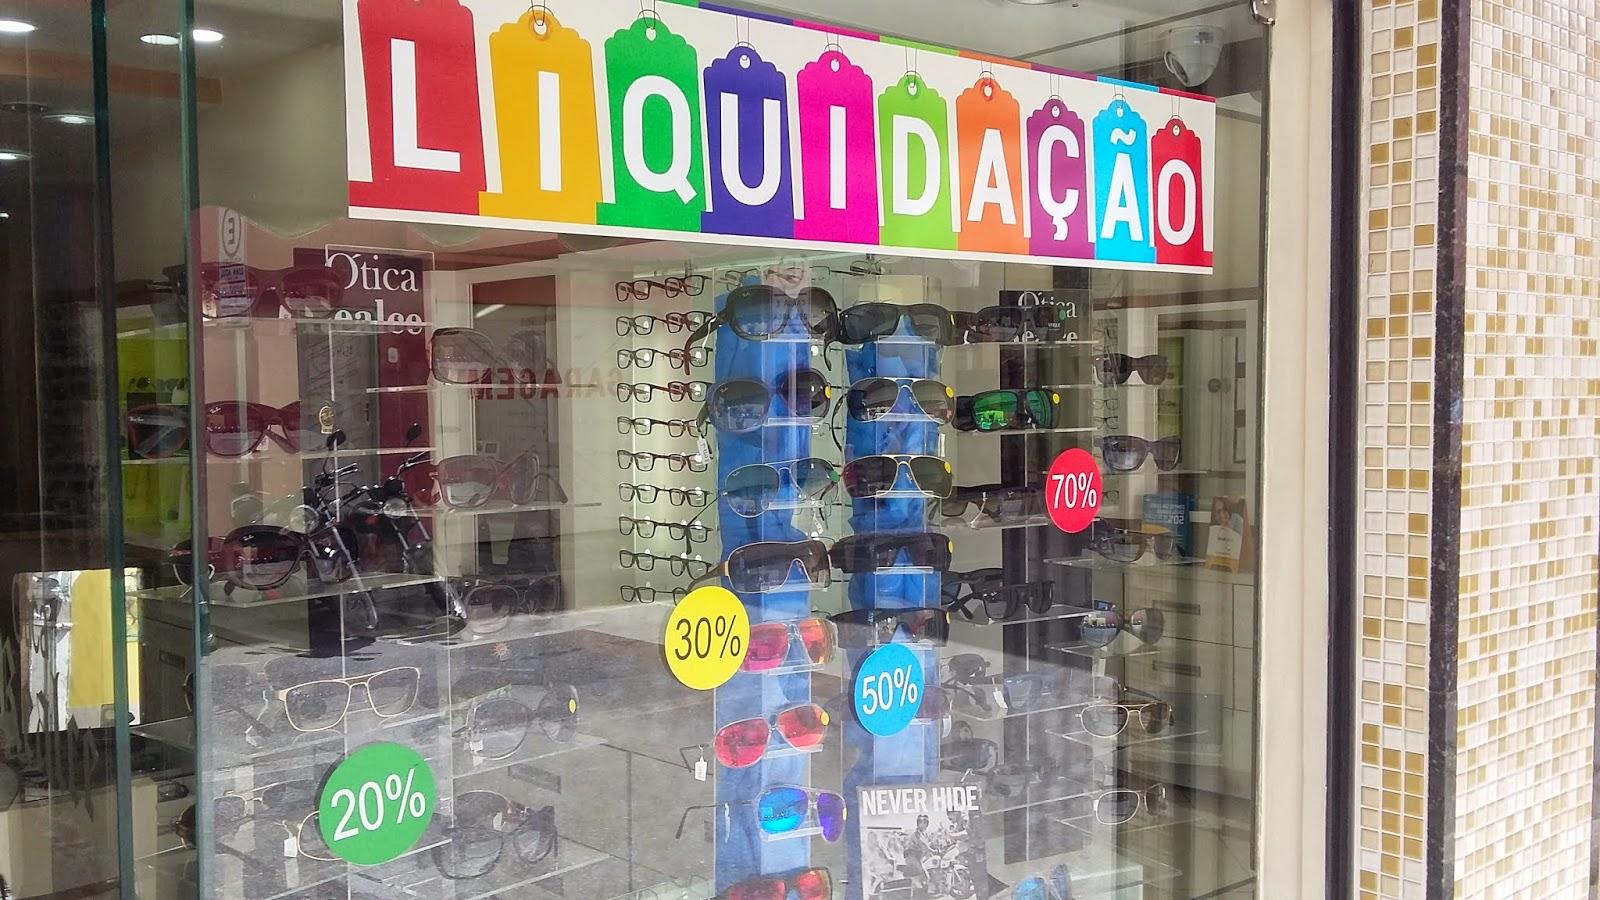 b93be995c9068 Confira a promoção de Carnaval da Ótica Realce  até 70% de descontos em  óculos e armações